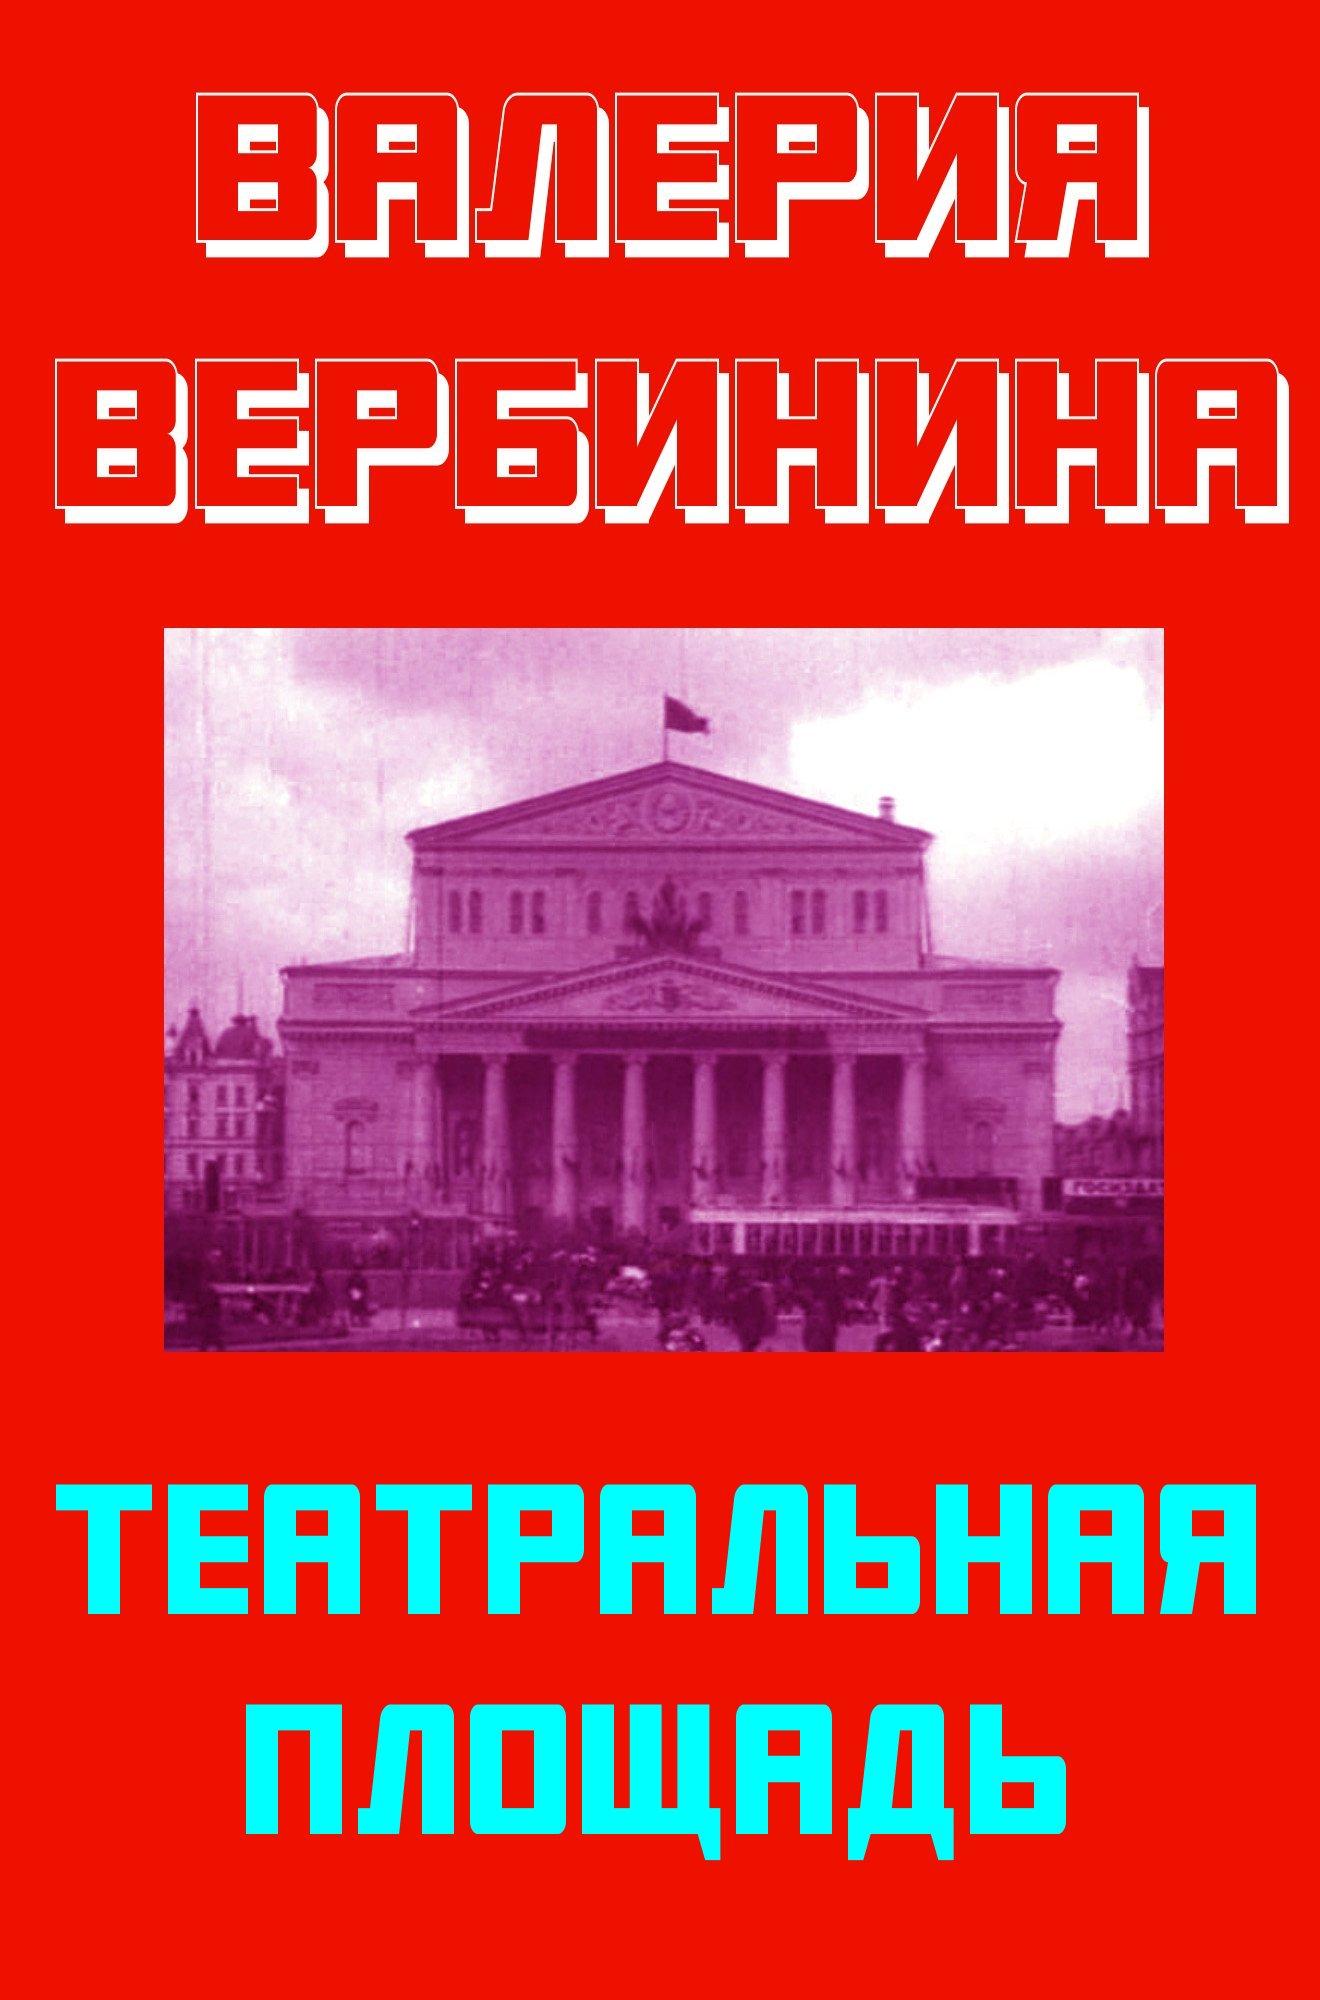 Валерия Вербинина - Театральная площадь